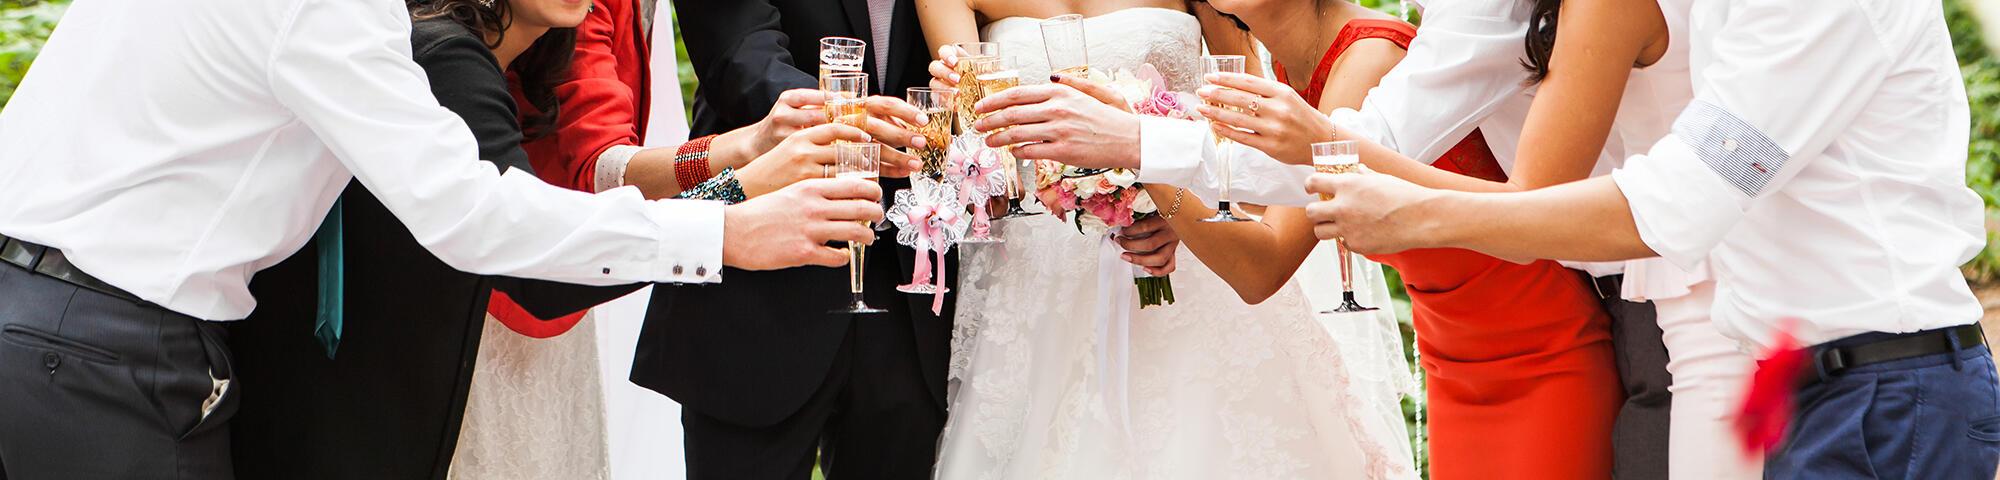 Wedding celebration at Warwick Melrose Dallas